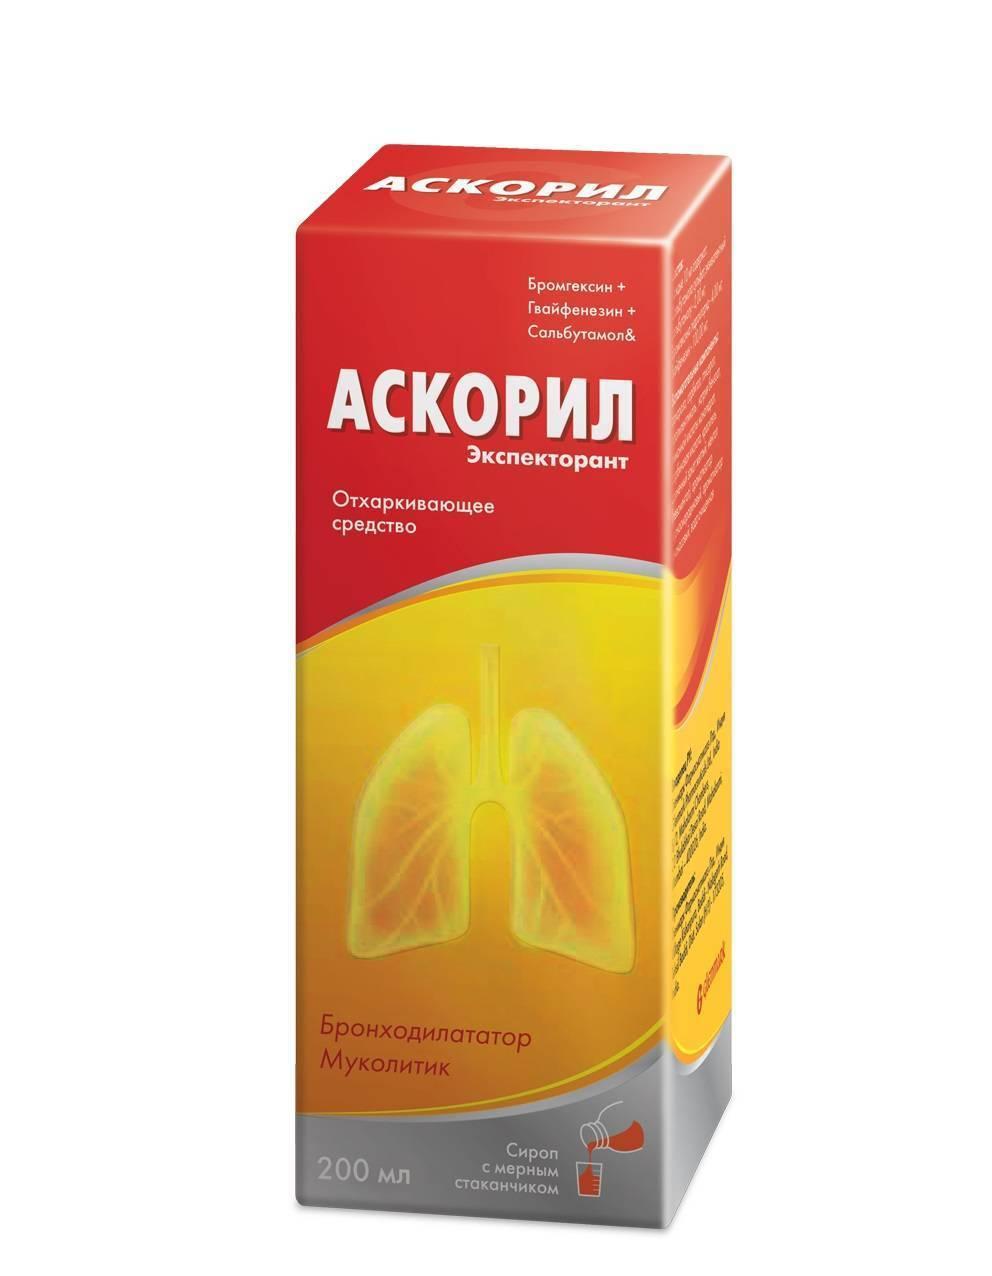 Аскорил: аналоги дешевле для детей и взрослых, инструкция по применению сиропа и таблеток, состав